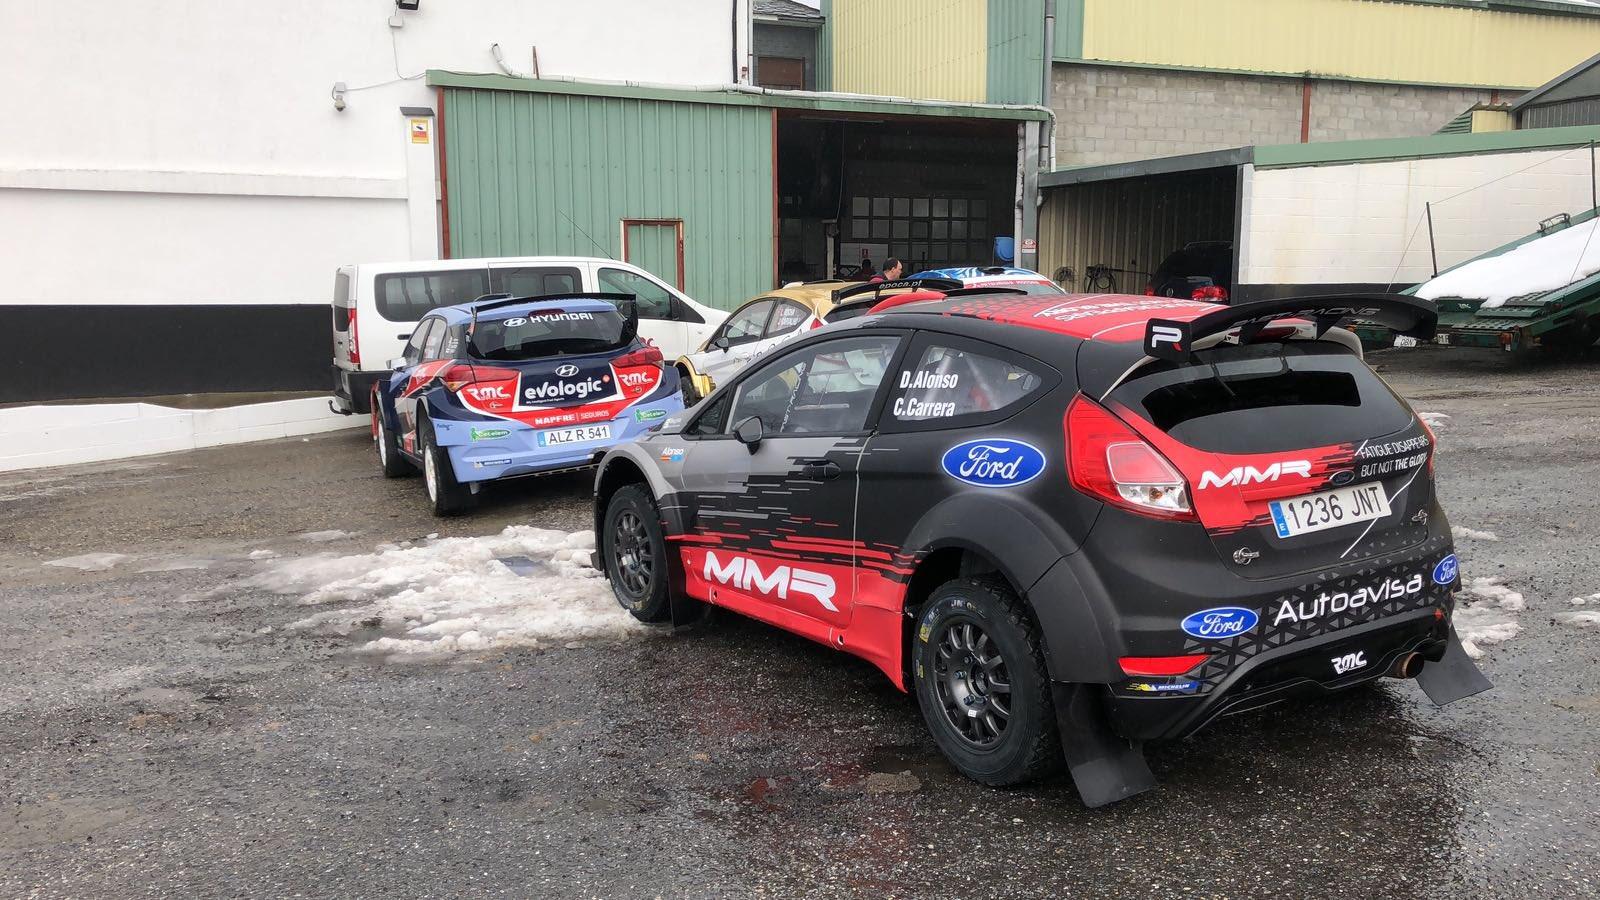 Nacionales de Rallyes Europeos(y no Europeos) 2018: Información y novedades - Página 4 DWEyuK4WAAE9BxQ